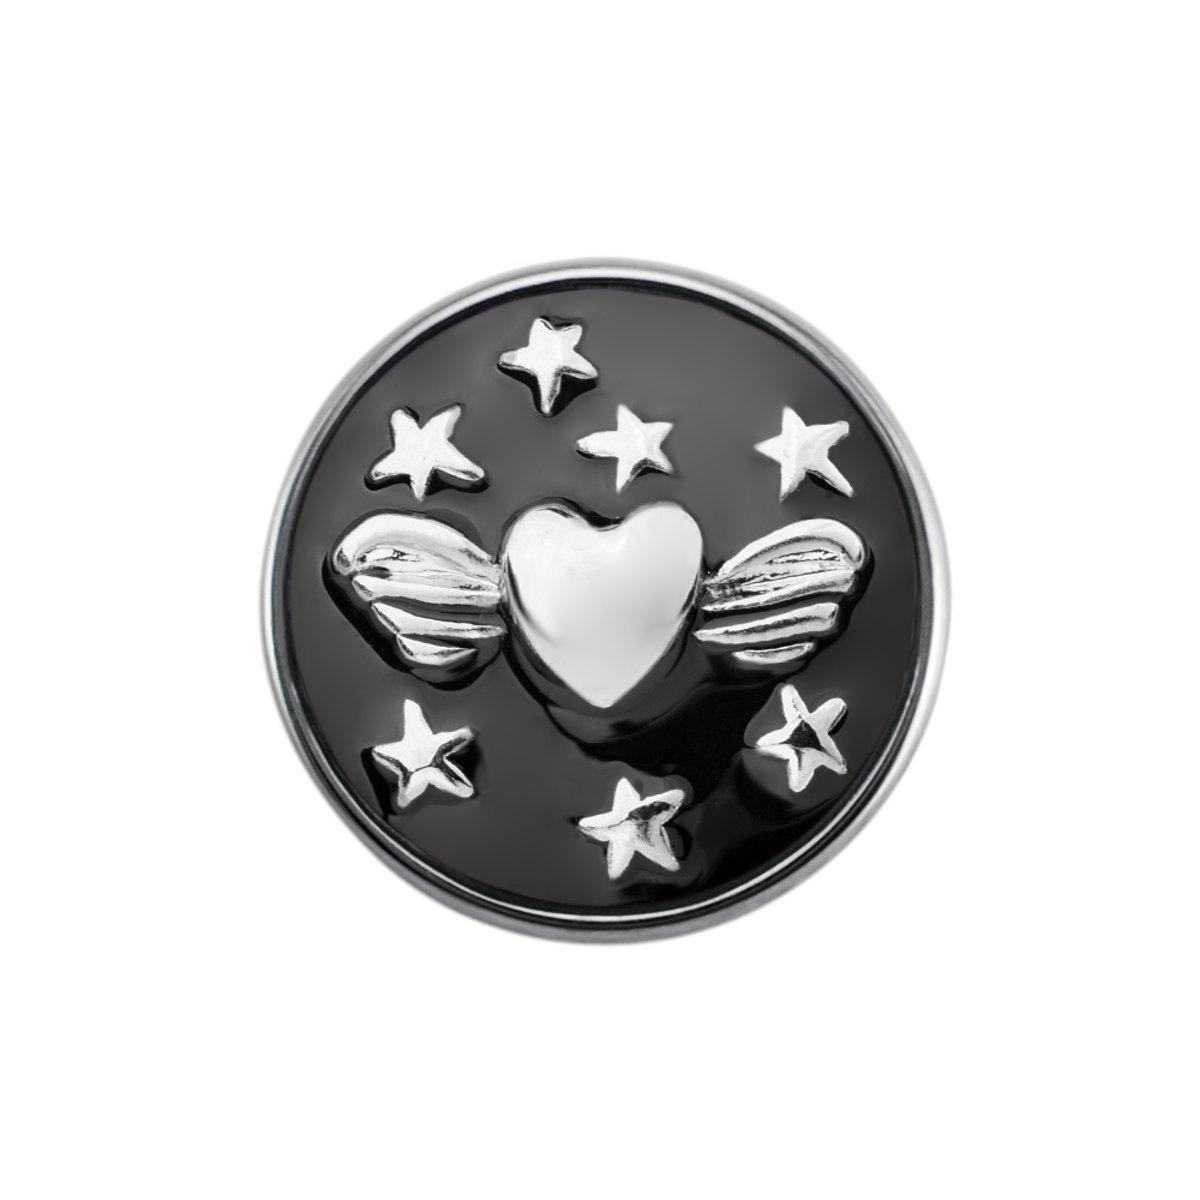 Quiges - Dames Click Button Drukknoop 18mm Hart met Ster Emaille Zwart - EBCM235 kopen